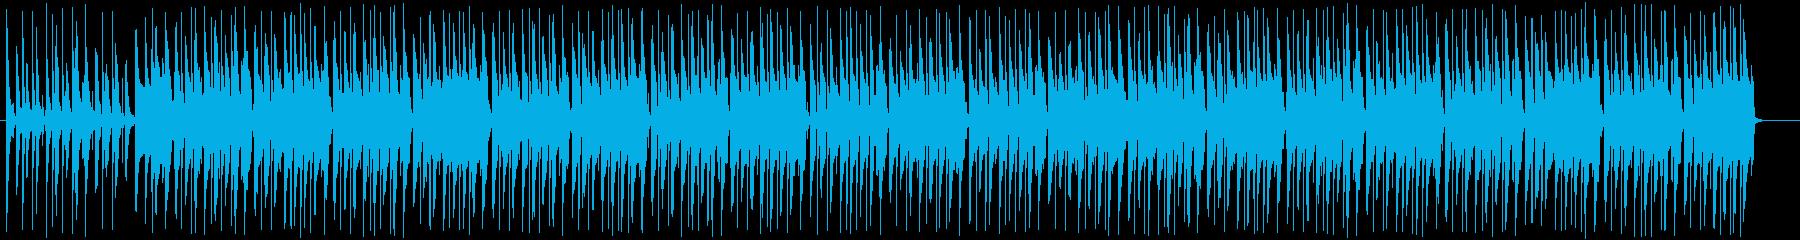 ほのぼのとした雰囲気のポップスの再生済みの波形